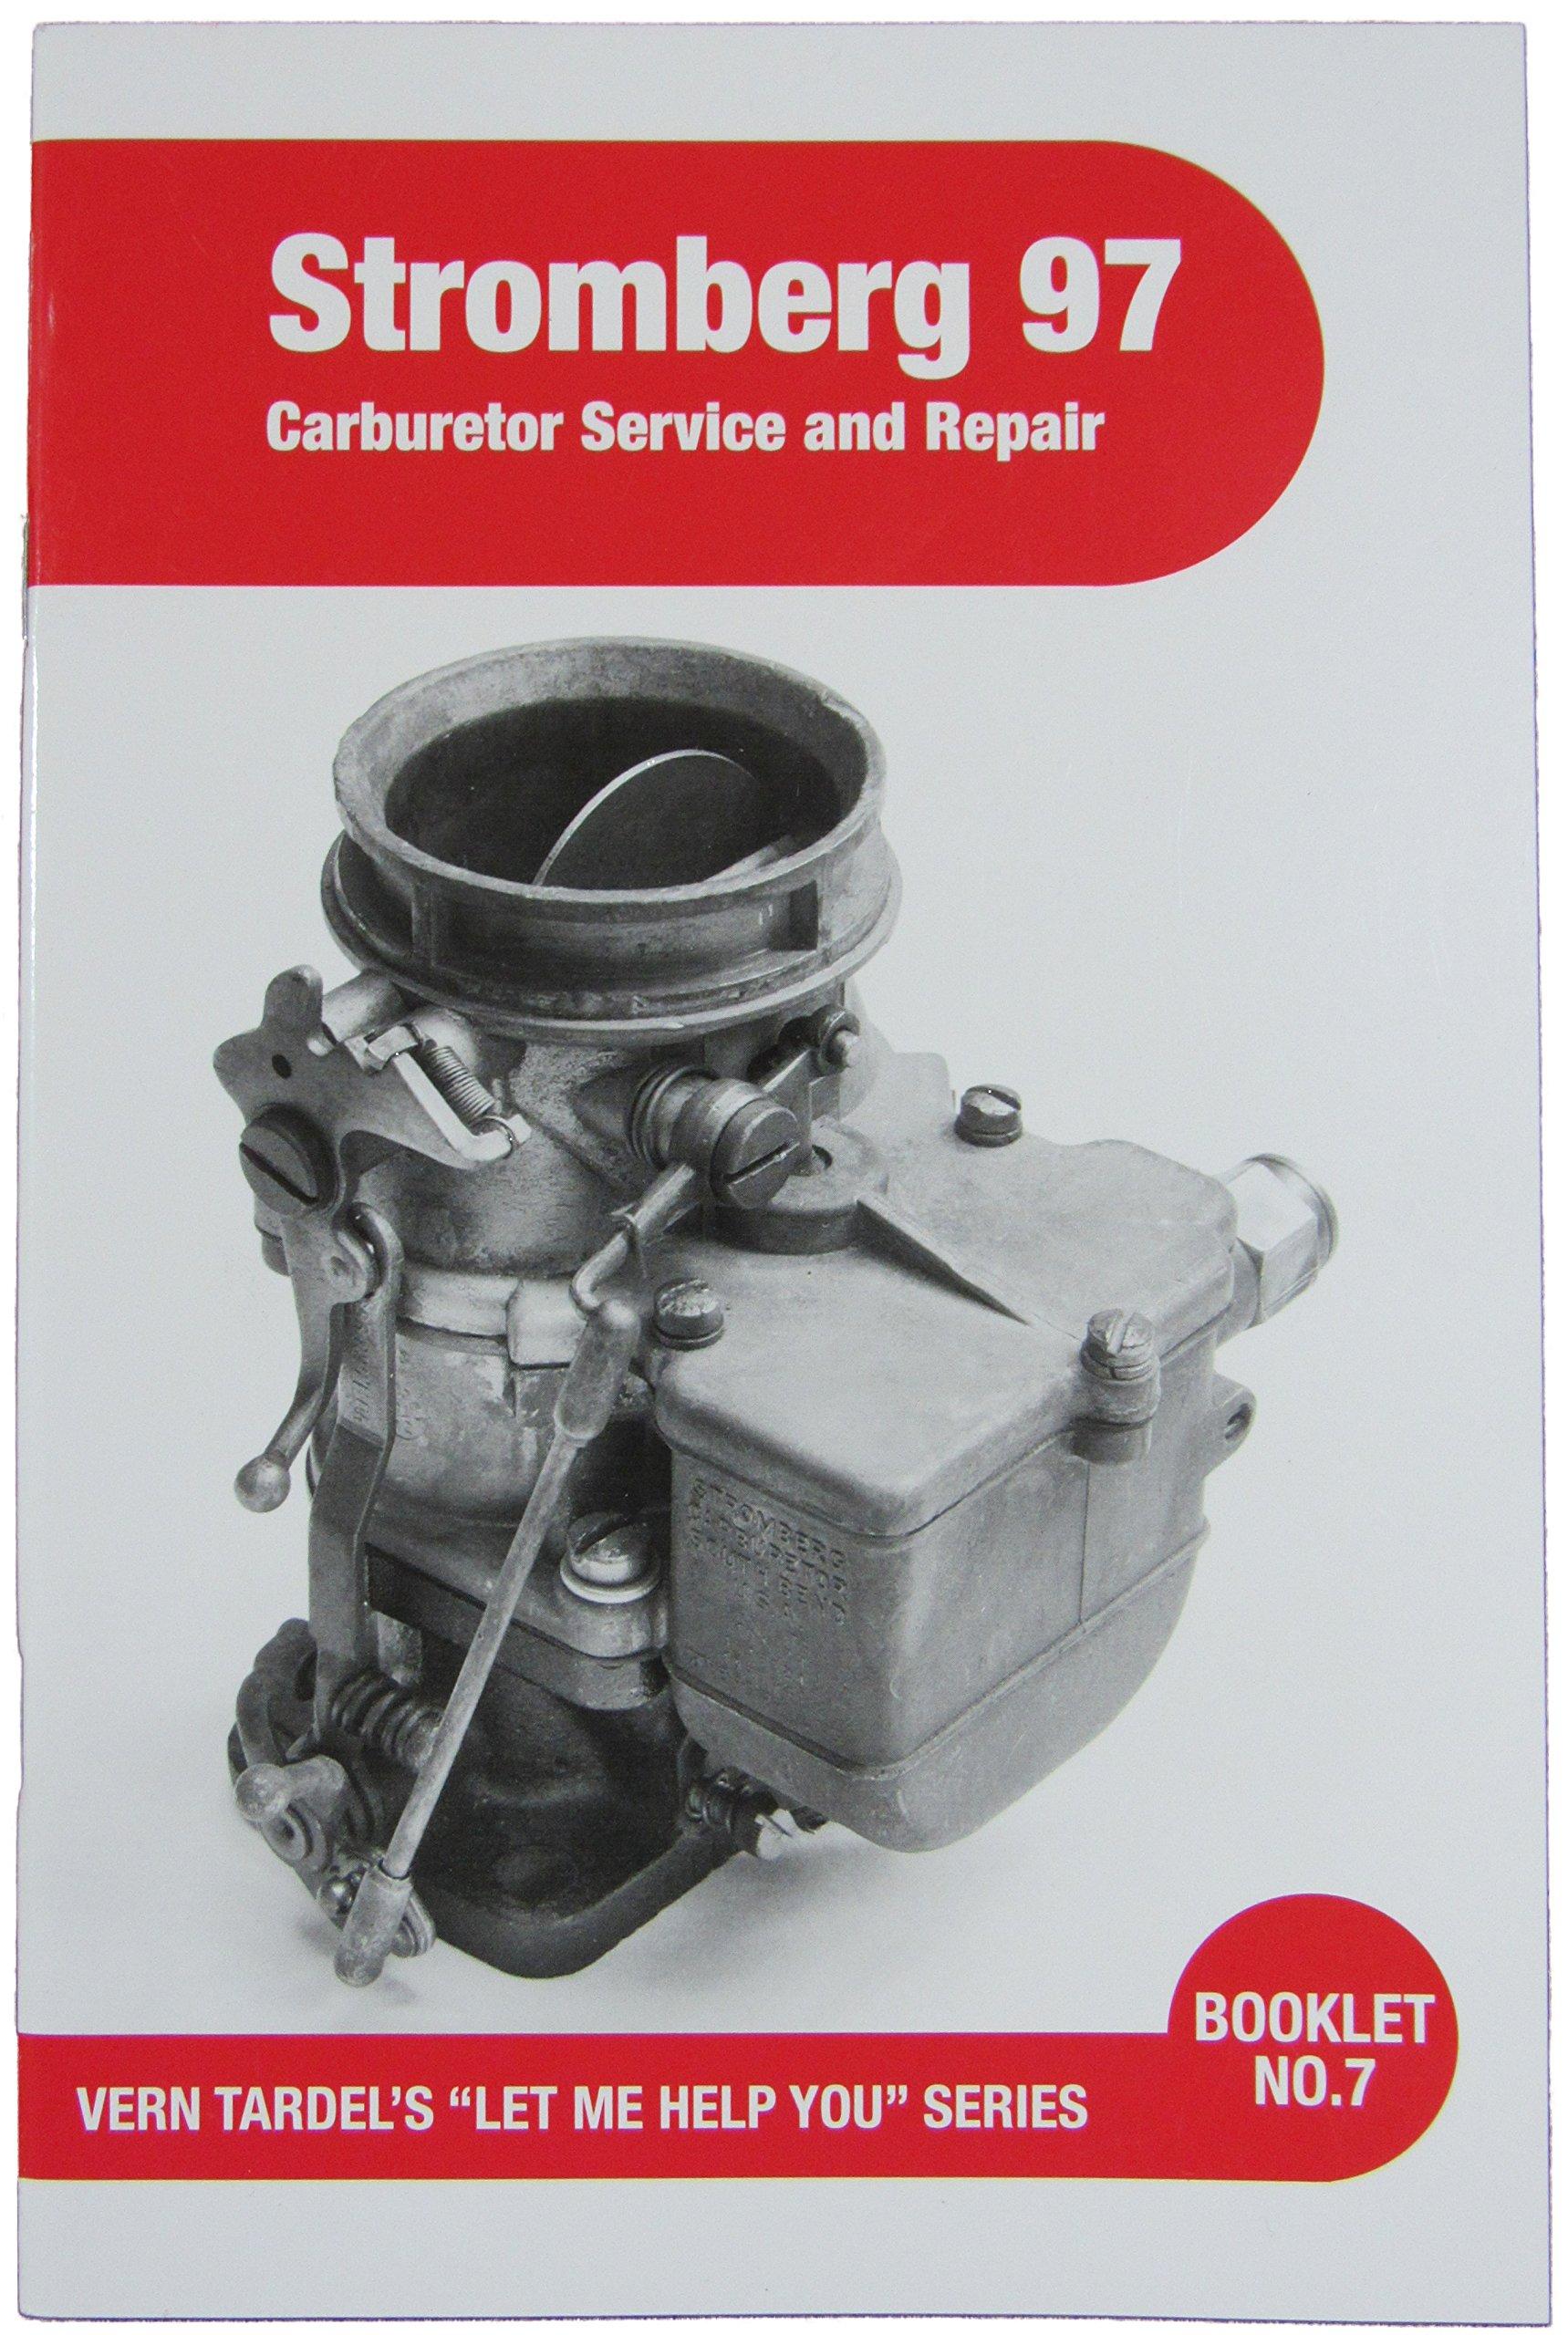 Stromberg 97: Carburetor Service and Repair: Vern Tardel: 0858817005523:  Amazon.com: Books